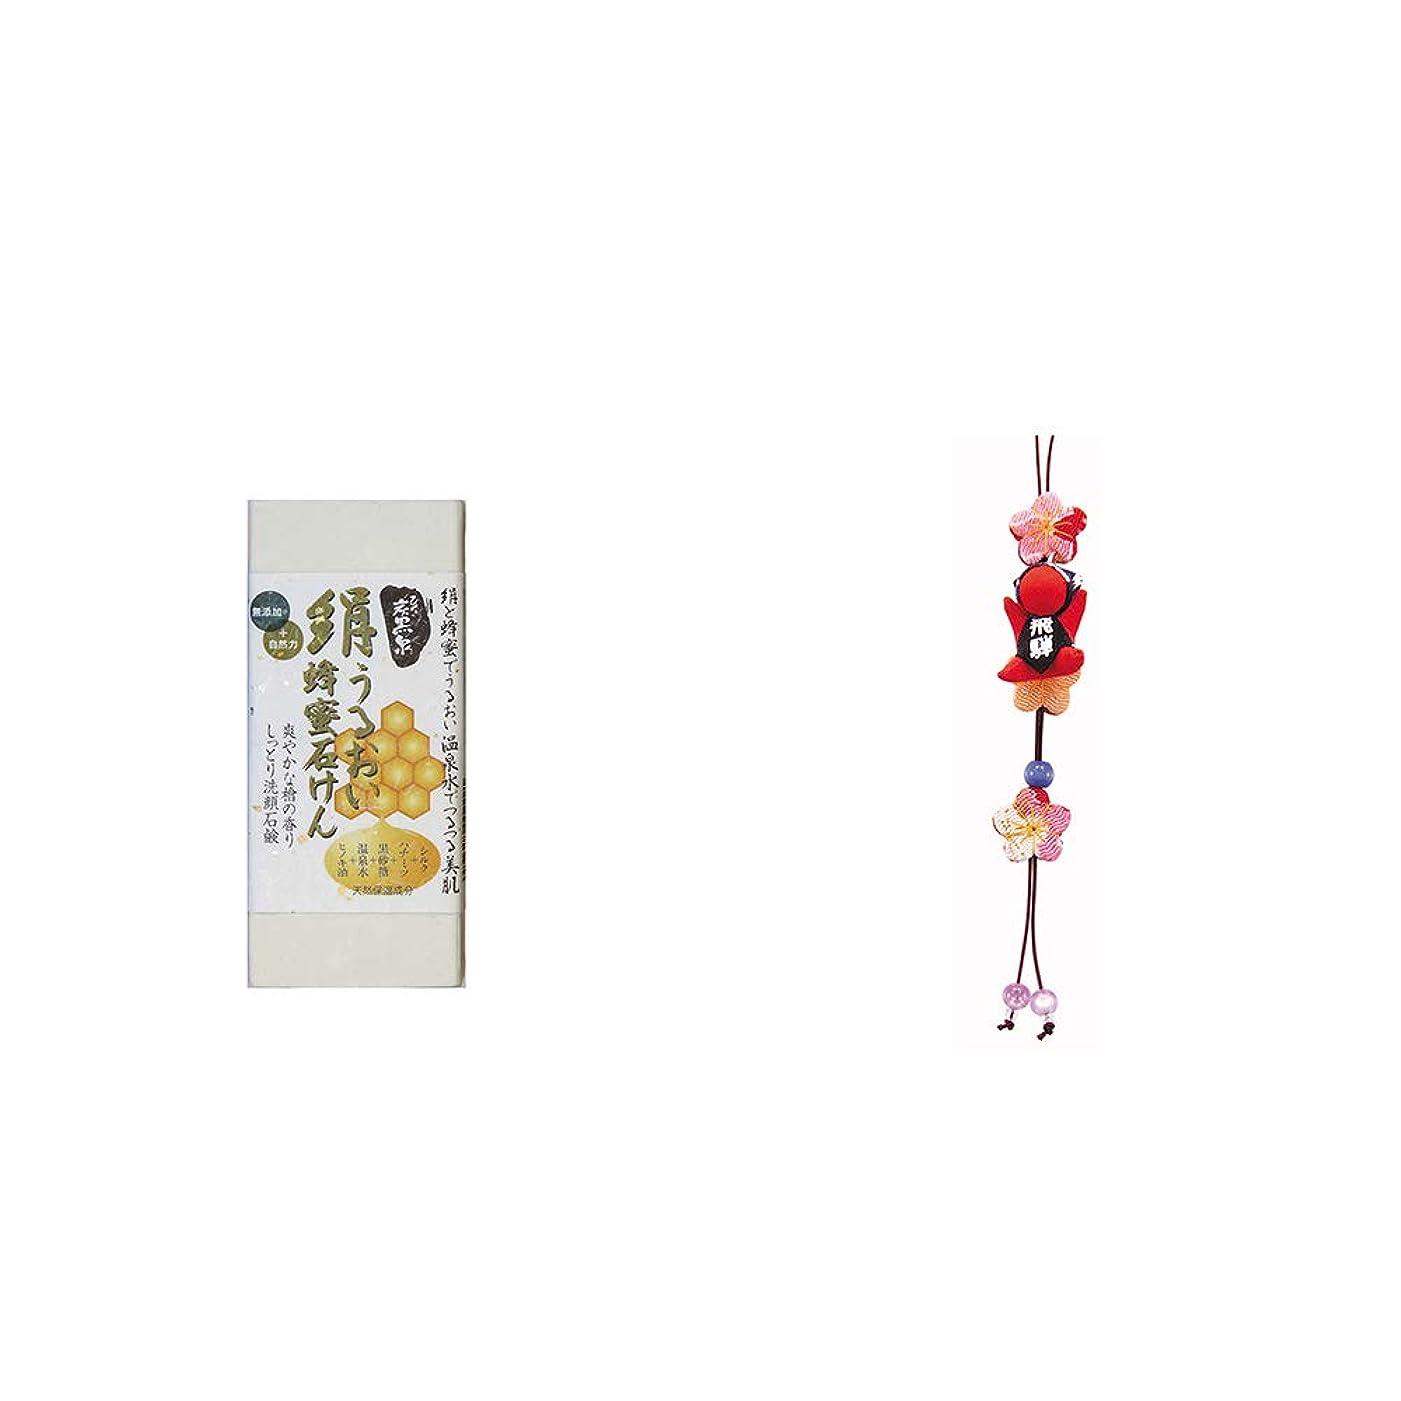 チャップすべき作詞家[2点セット] ひのき炭黒泉 絹うるおい蜂蜜石けん(75g×2)?豆さるぼぼ 和風ストラップ【赤】 / 縁結び?魔除け //